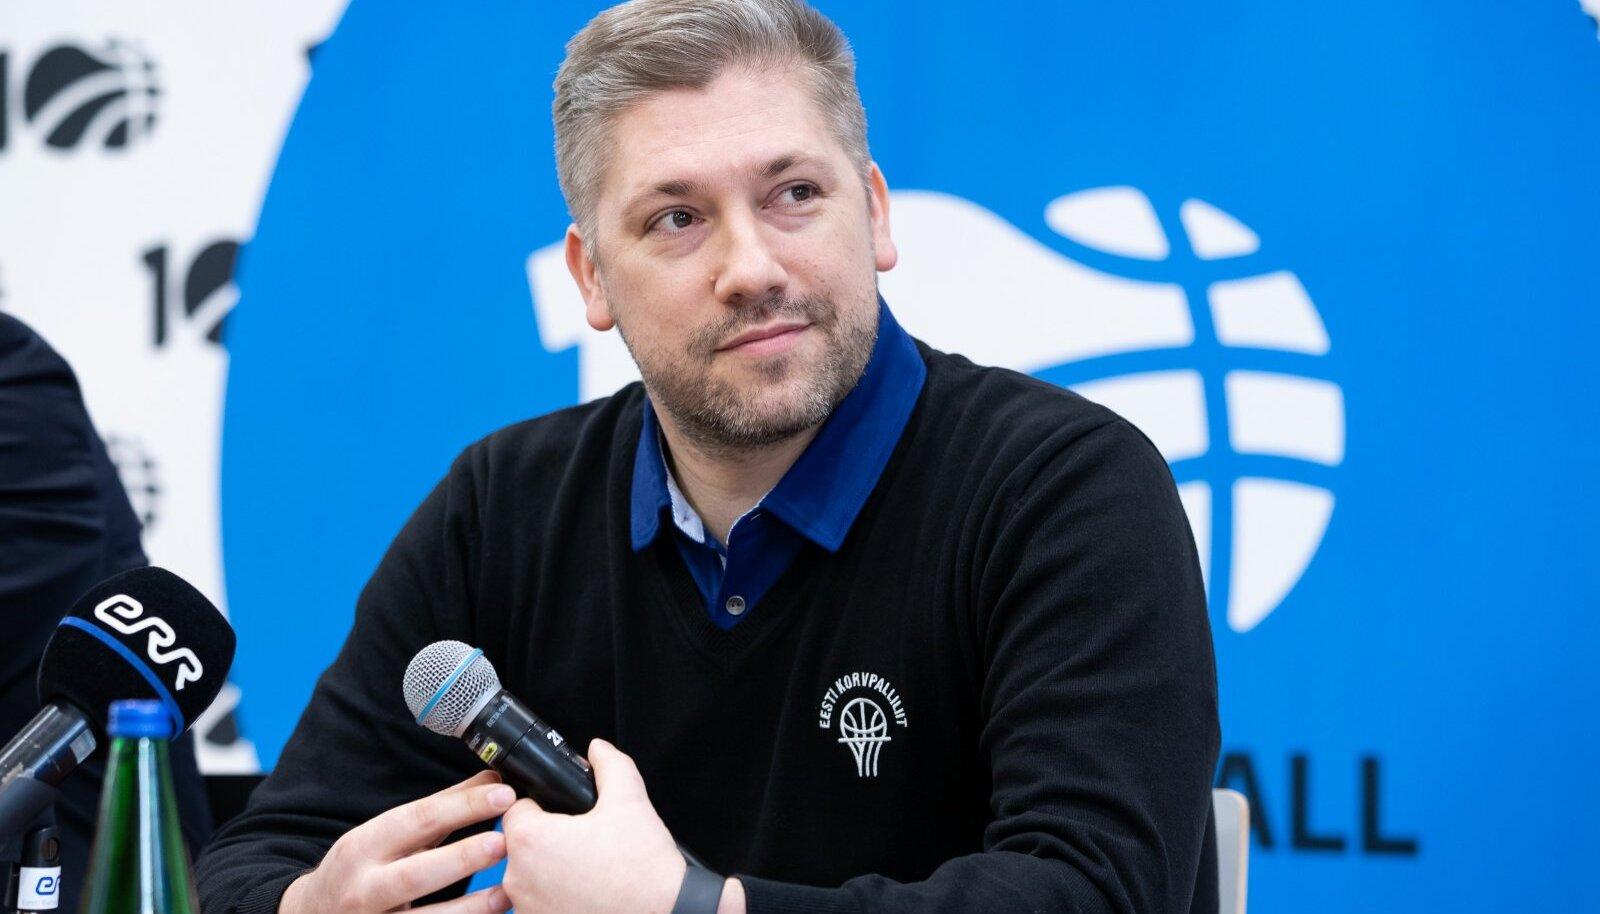 Tallinn, 05.02.2020. Eesti korvpallikoondise pressikonverents Gustav Adolfi gümnaasiumi võimlas.